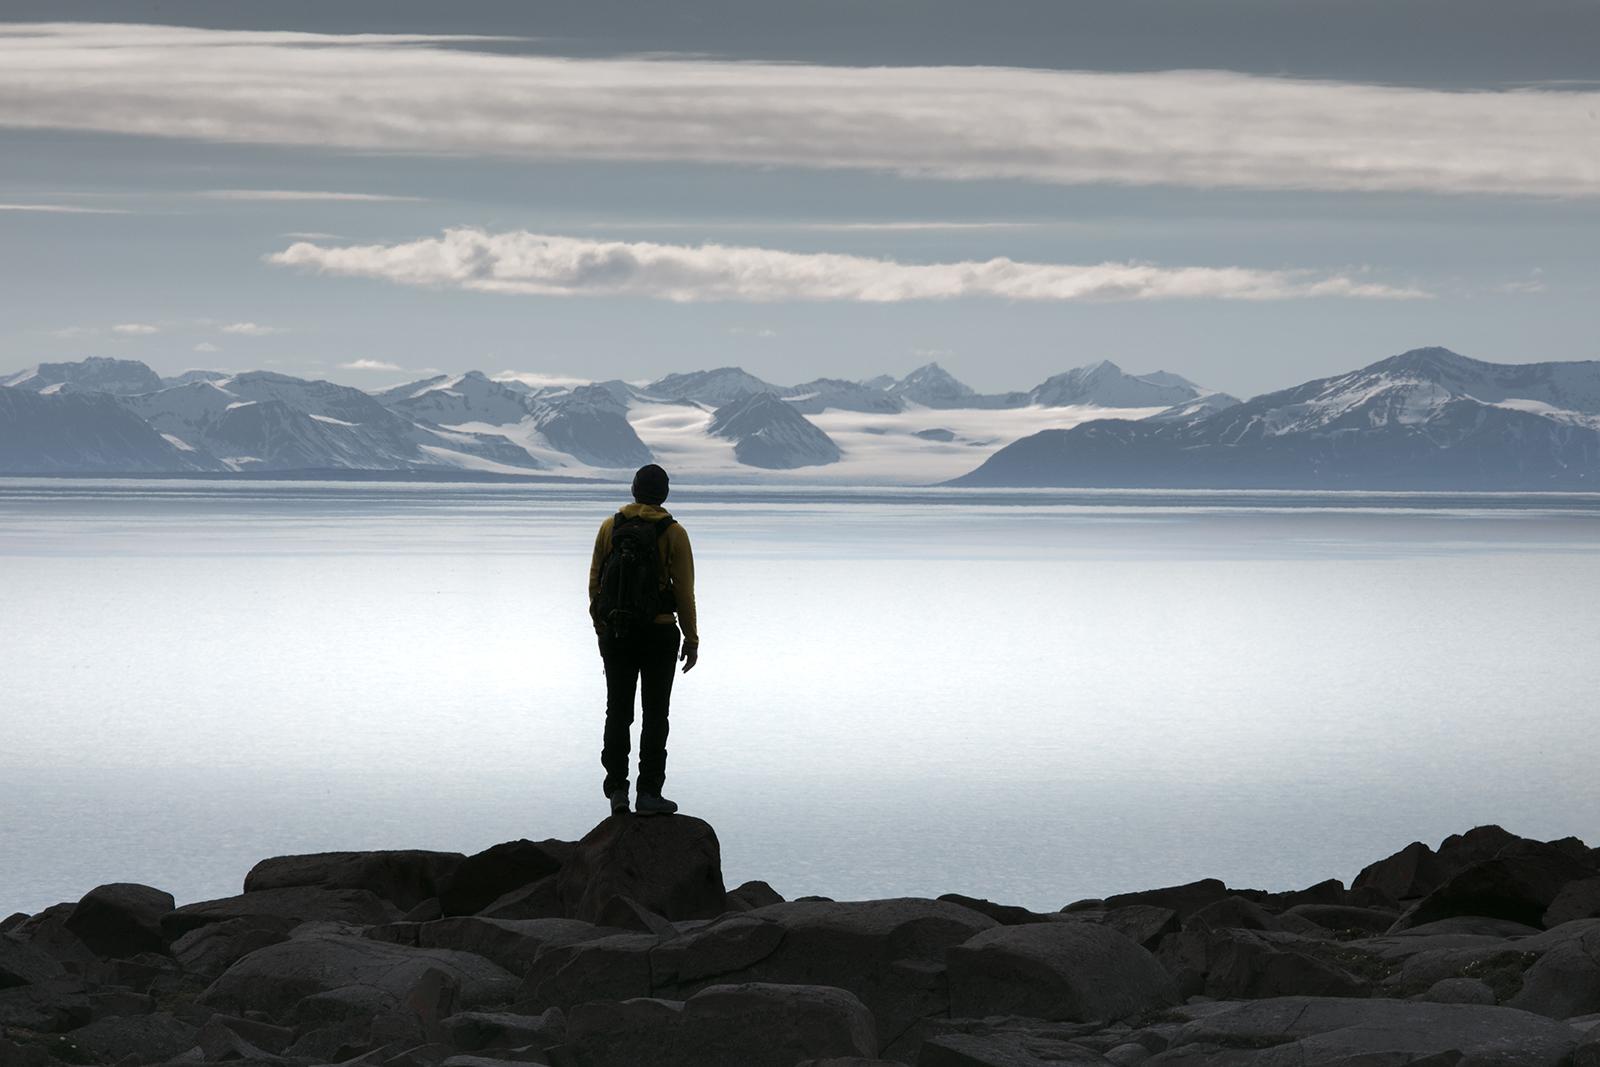 randonnee-templefjord-svalbard